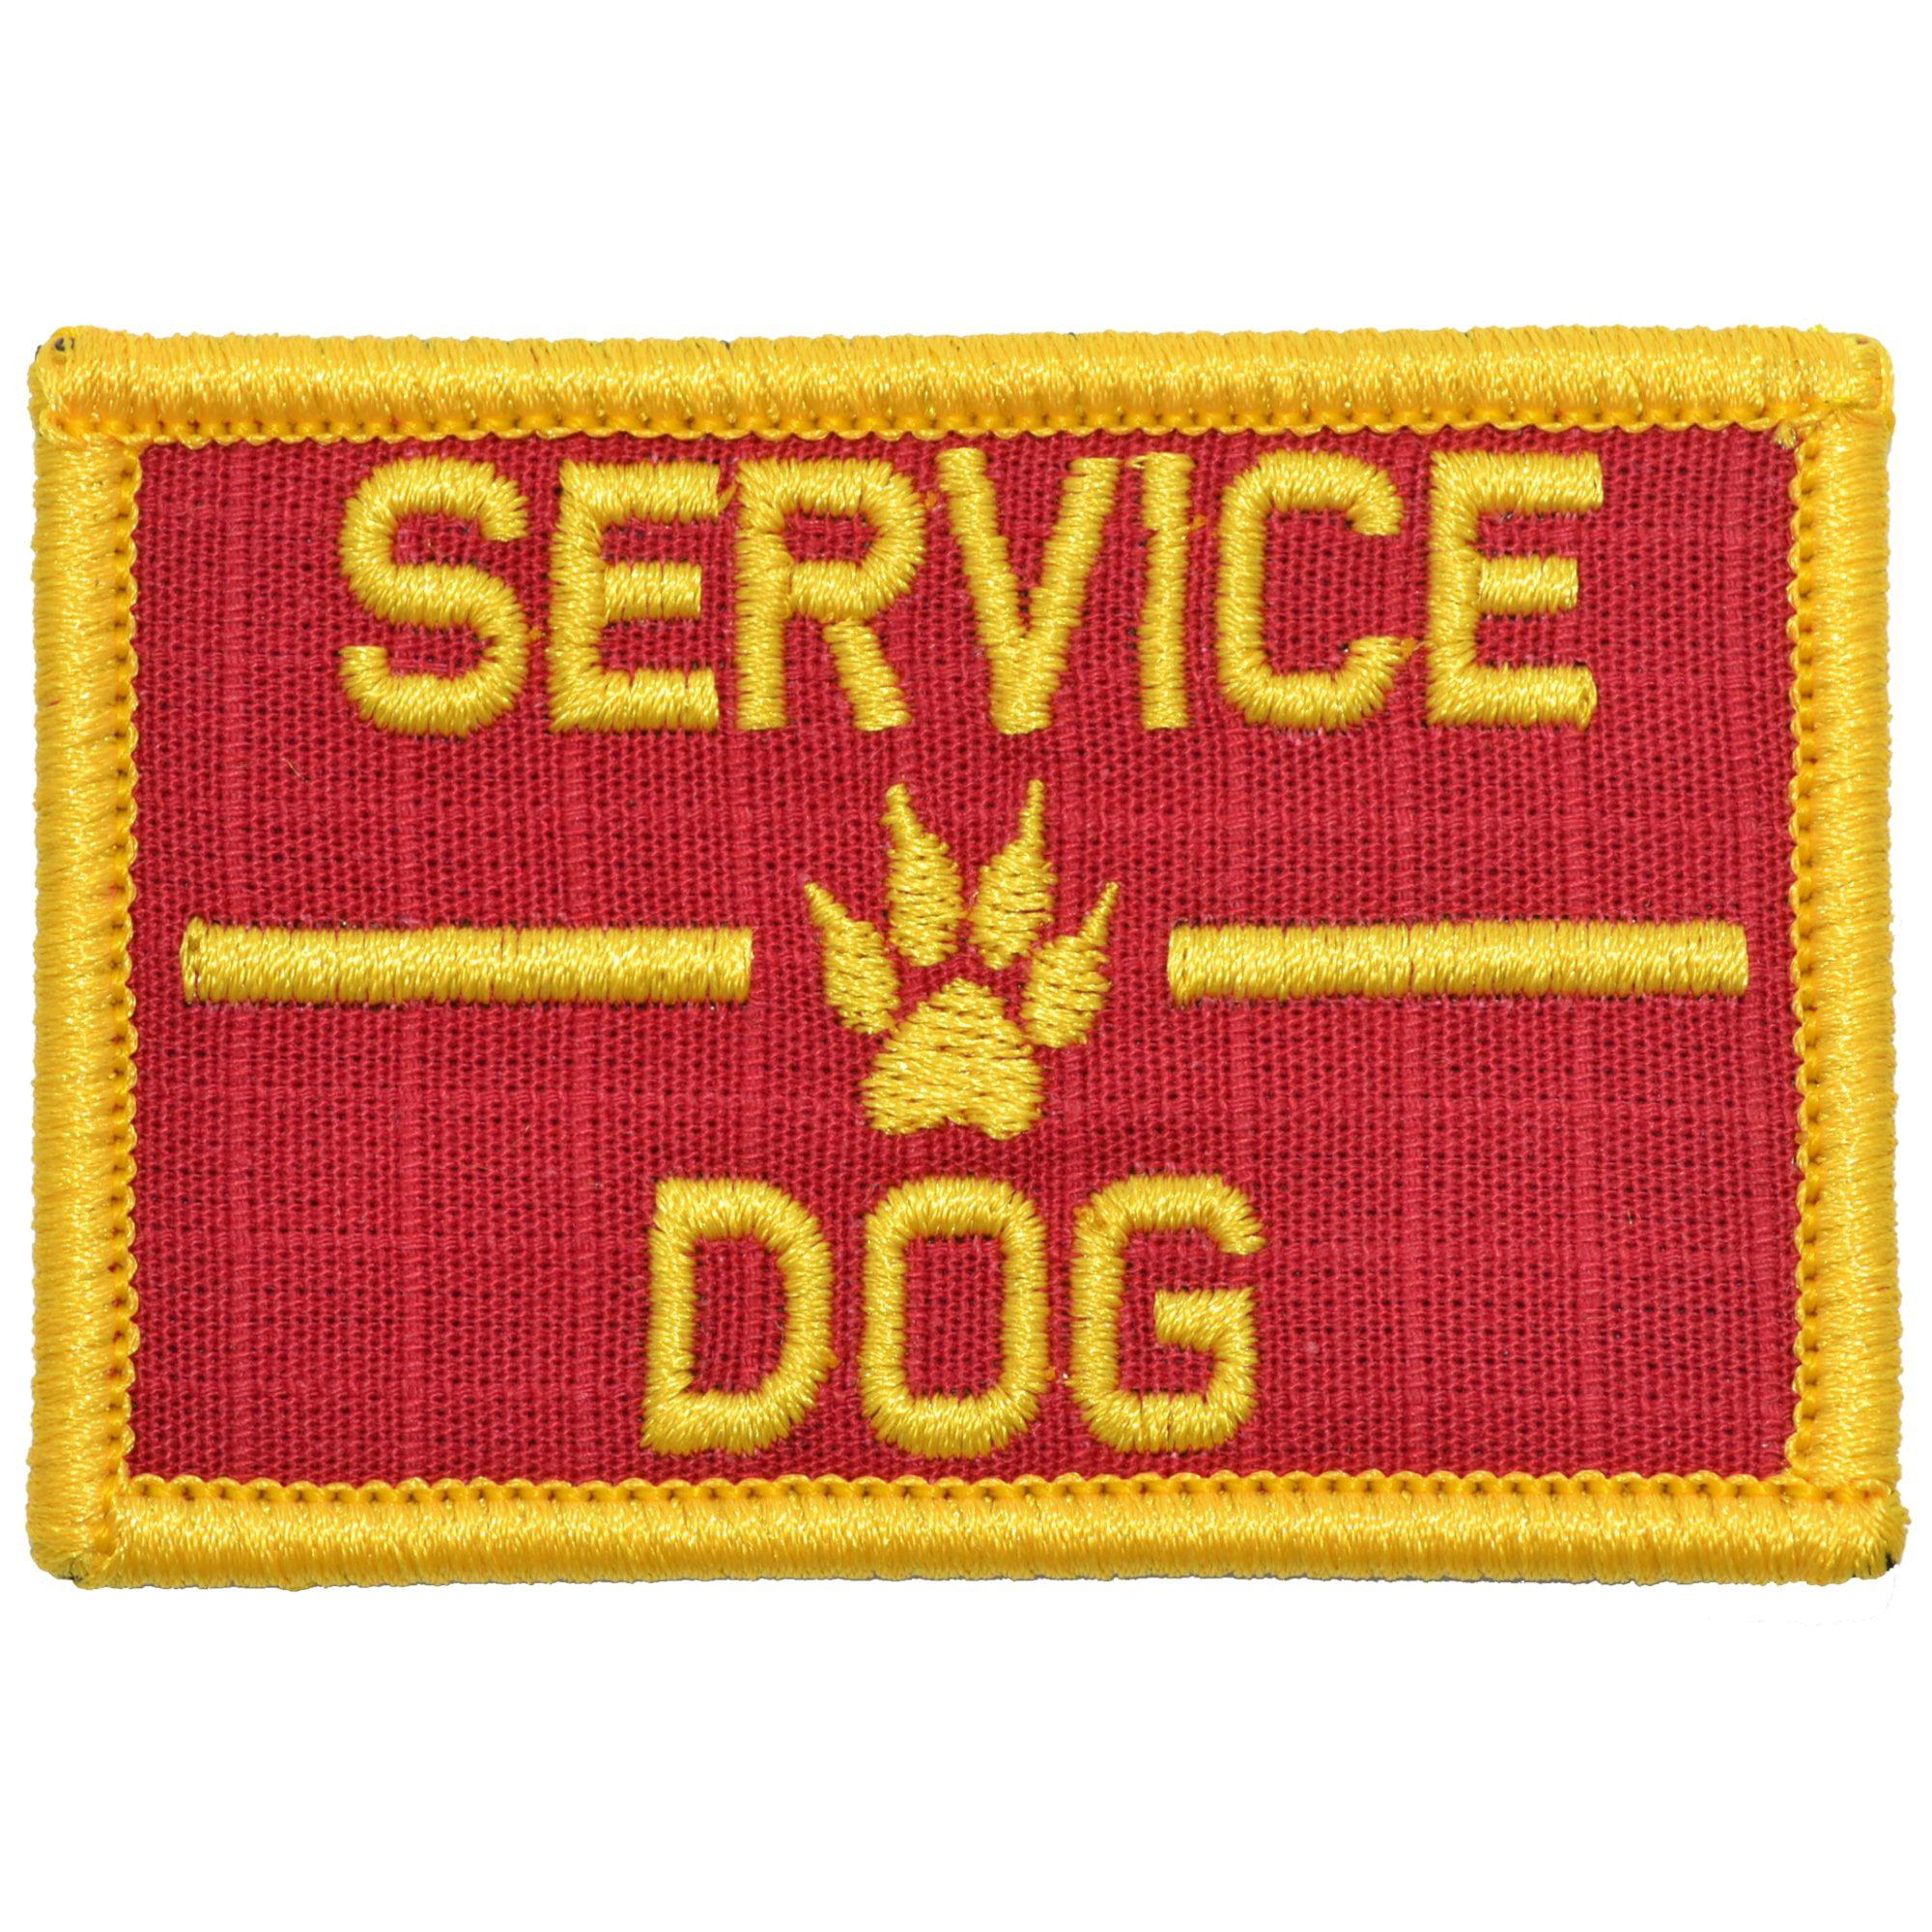 Service Dog, K9 Dog Patch - 2x3 Patch